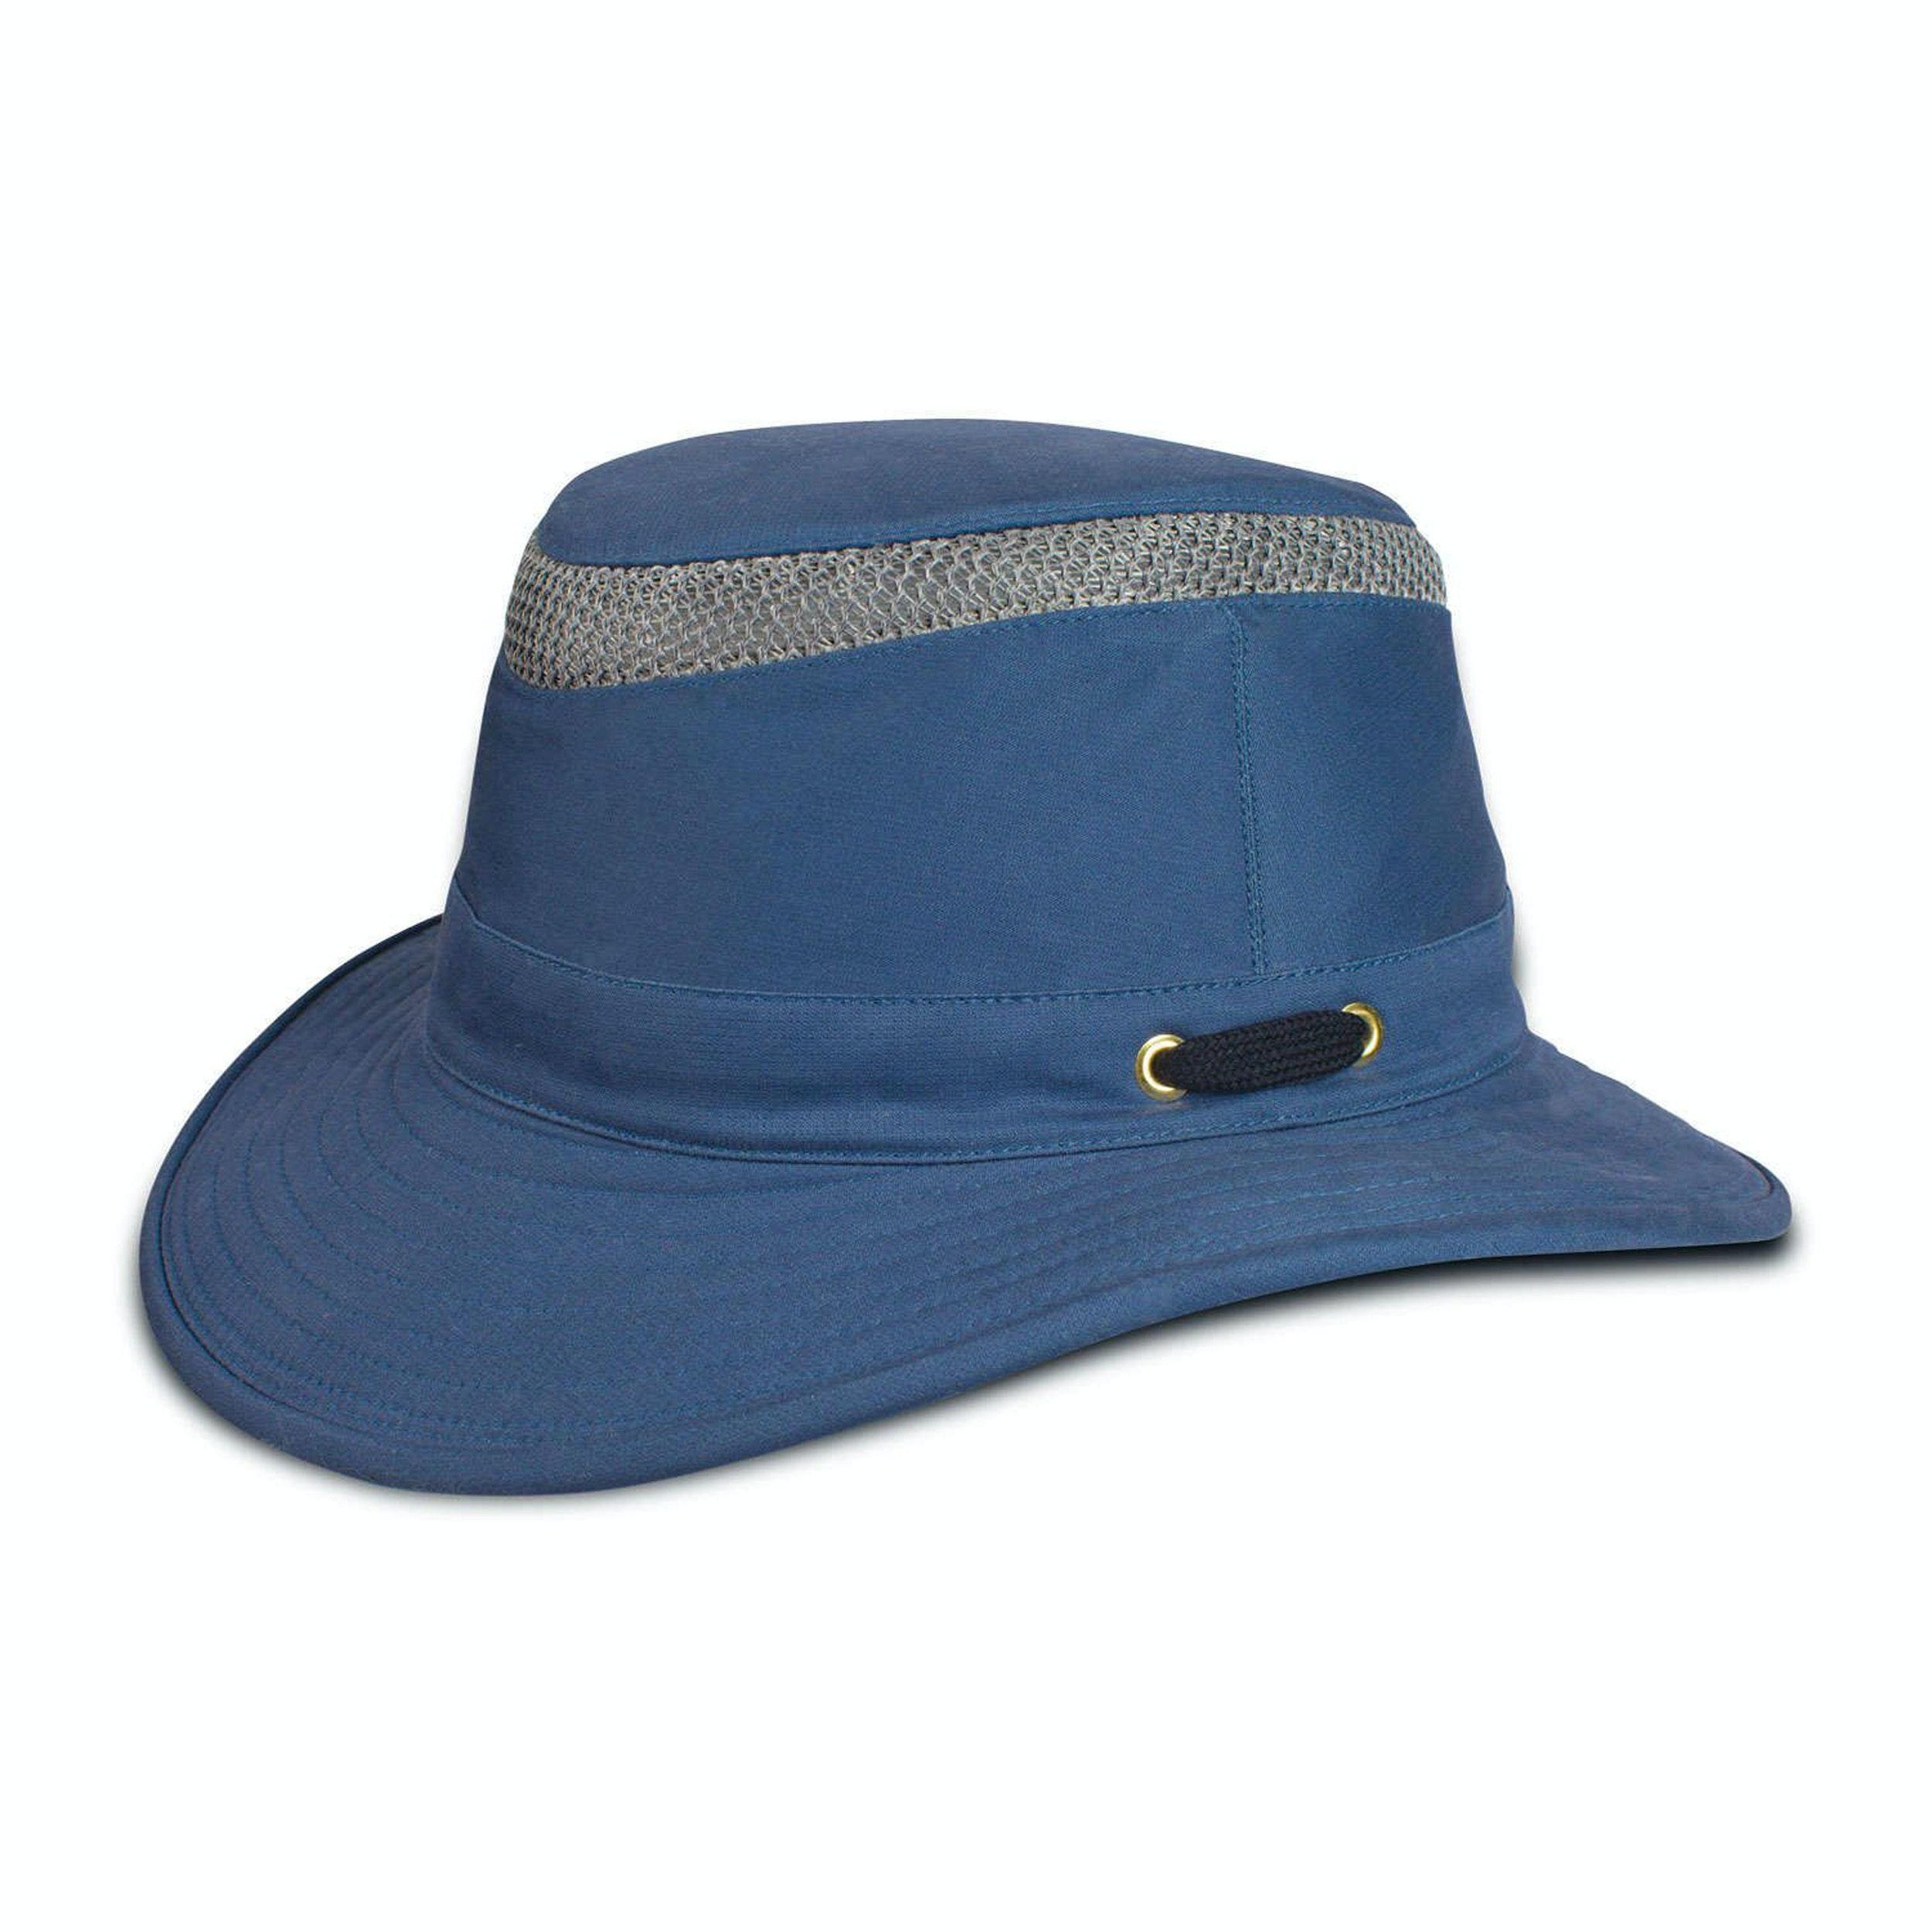 fe51b99d5 Tilley Medium Brim Organic Airflo® Hat - Ultra-lightweight, UV ...